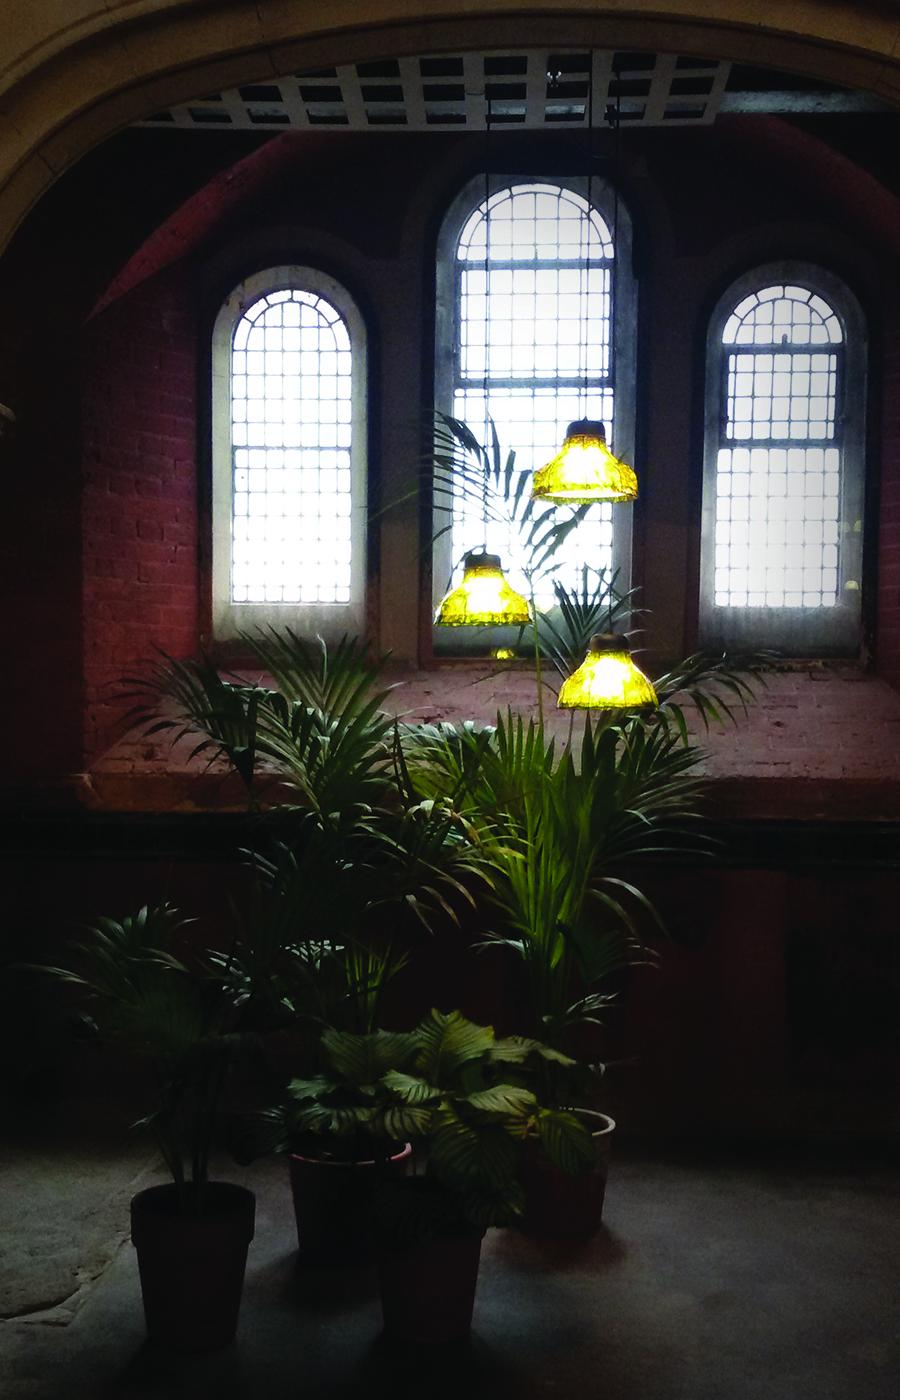 ניר מאירי-גופי תאורה, צילום: ניקול קצב